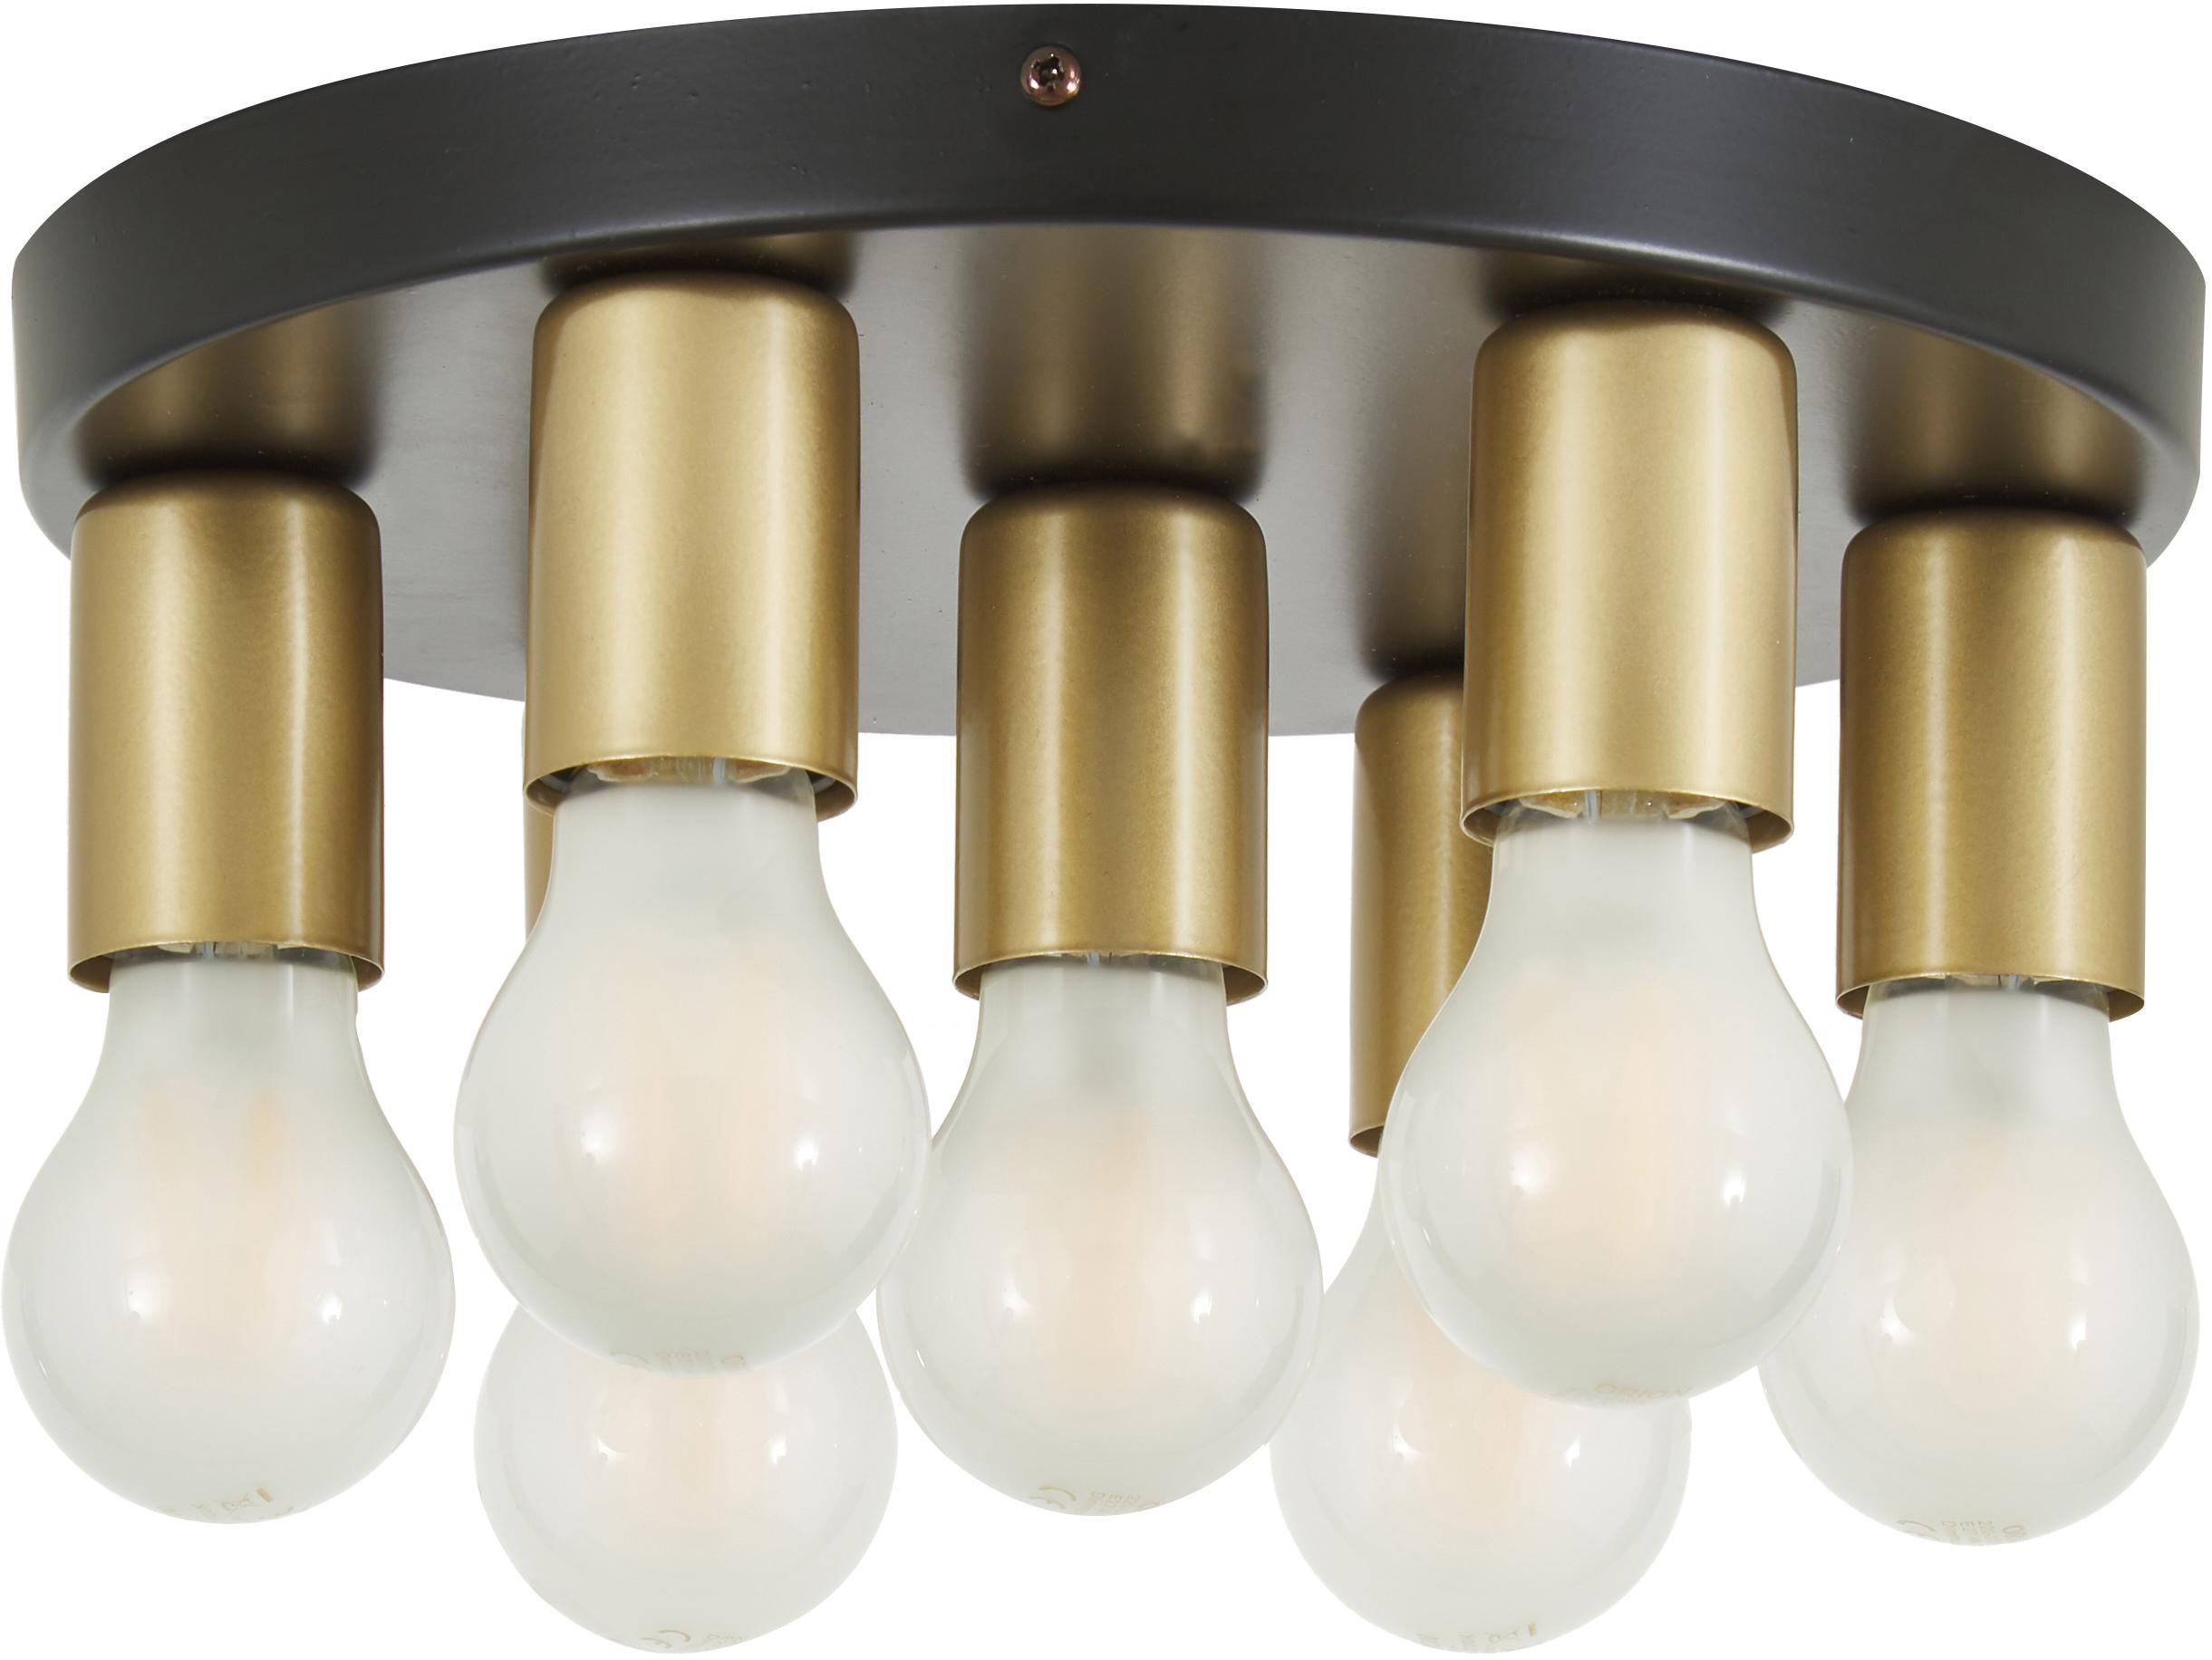 Lampa sufitowa Plate, Czarny, odcienie złotego, Ø 30 x W 9 cm